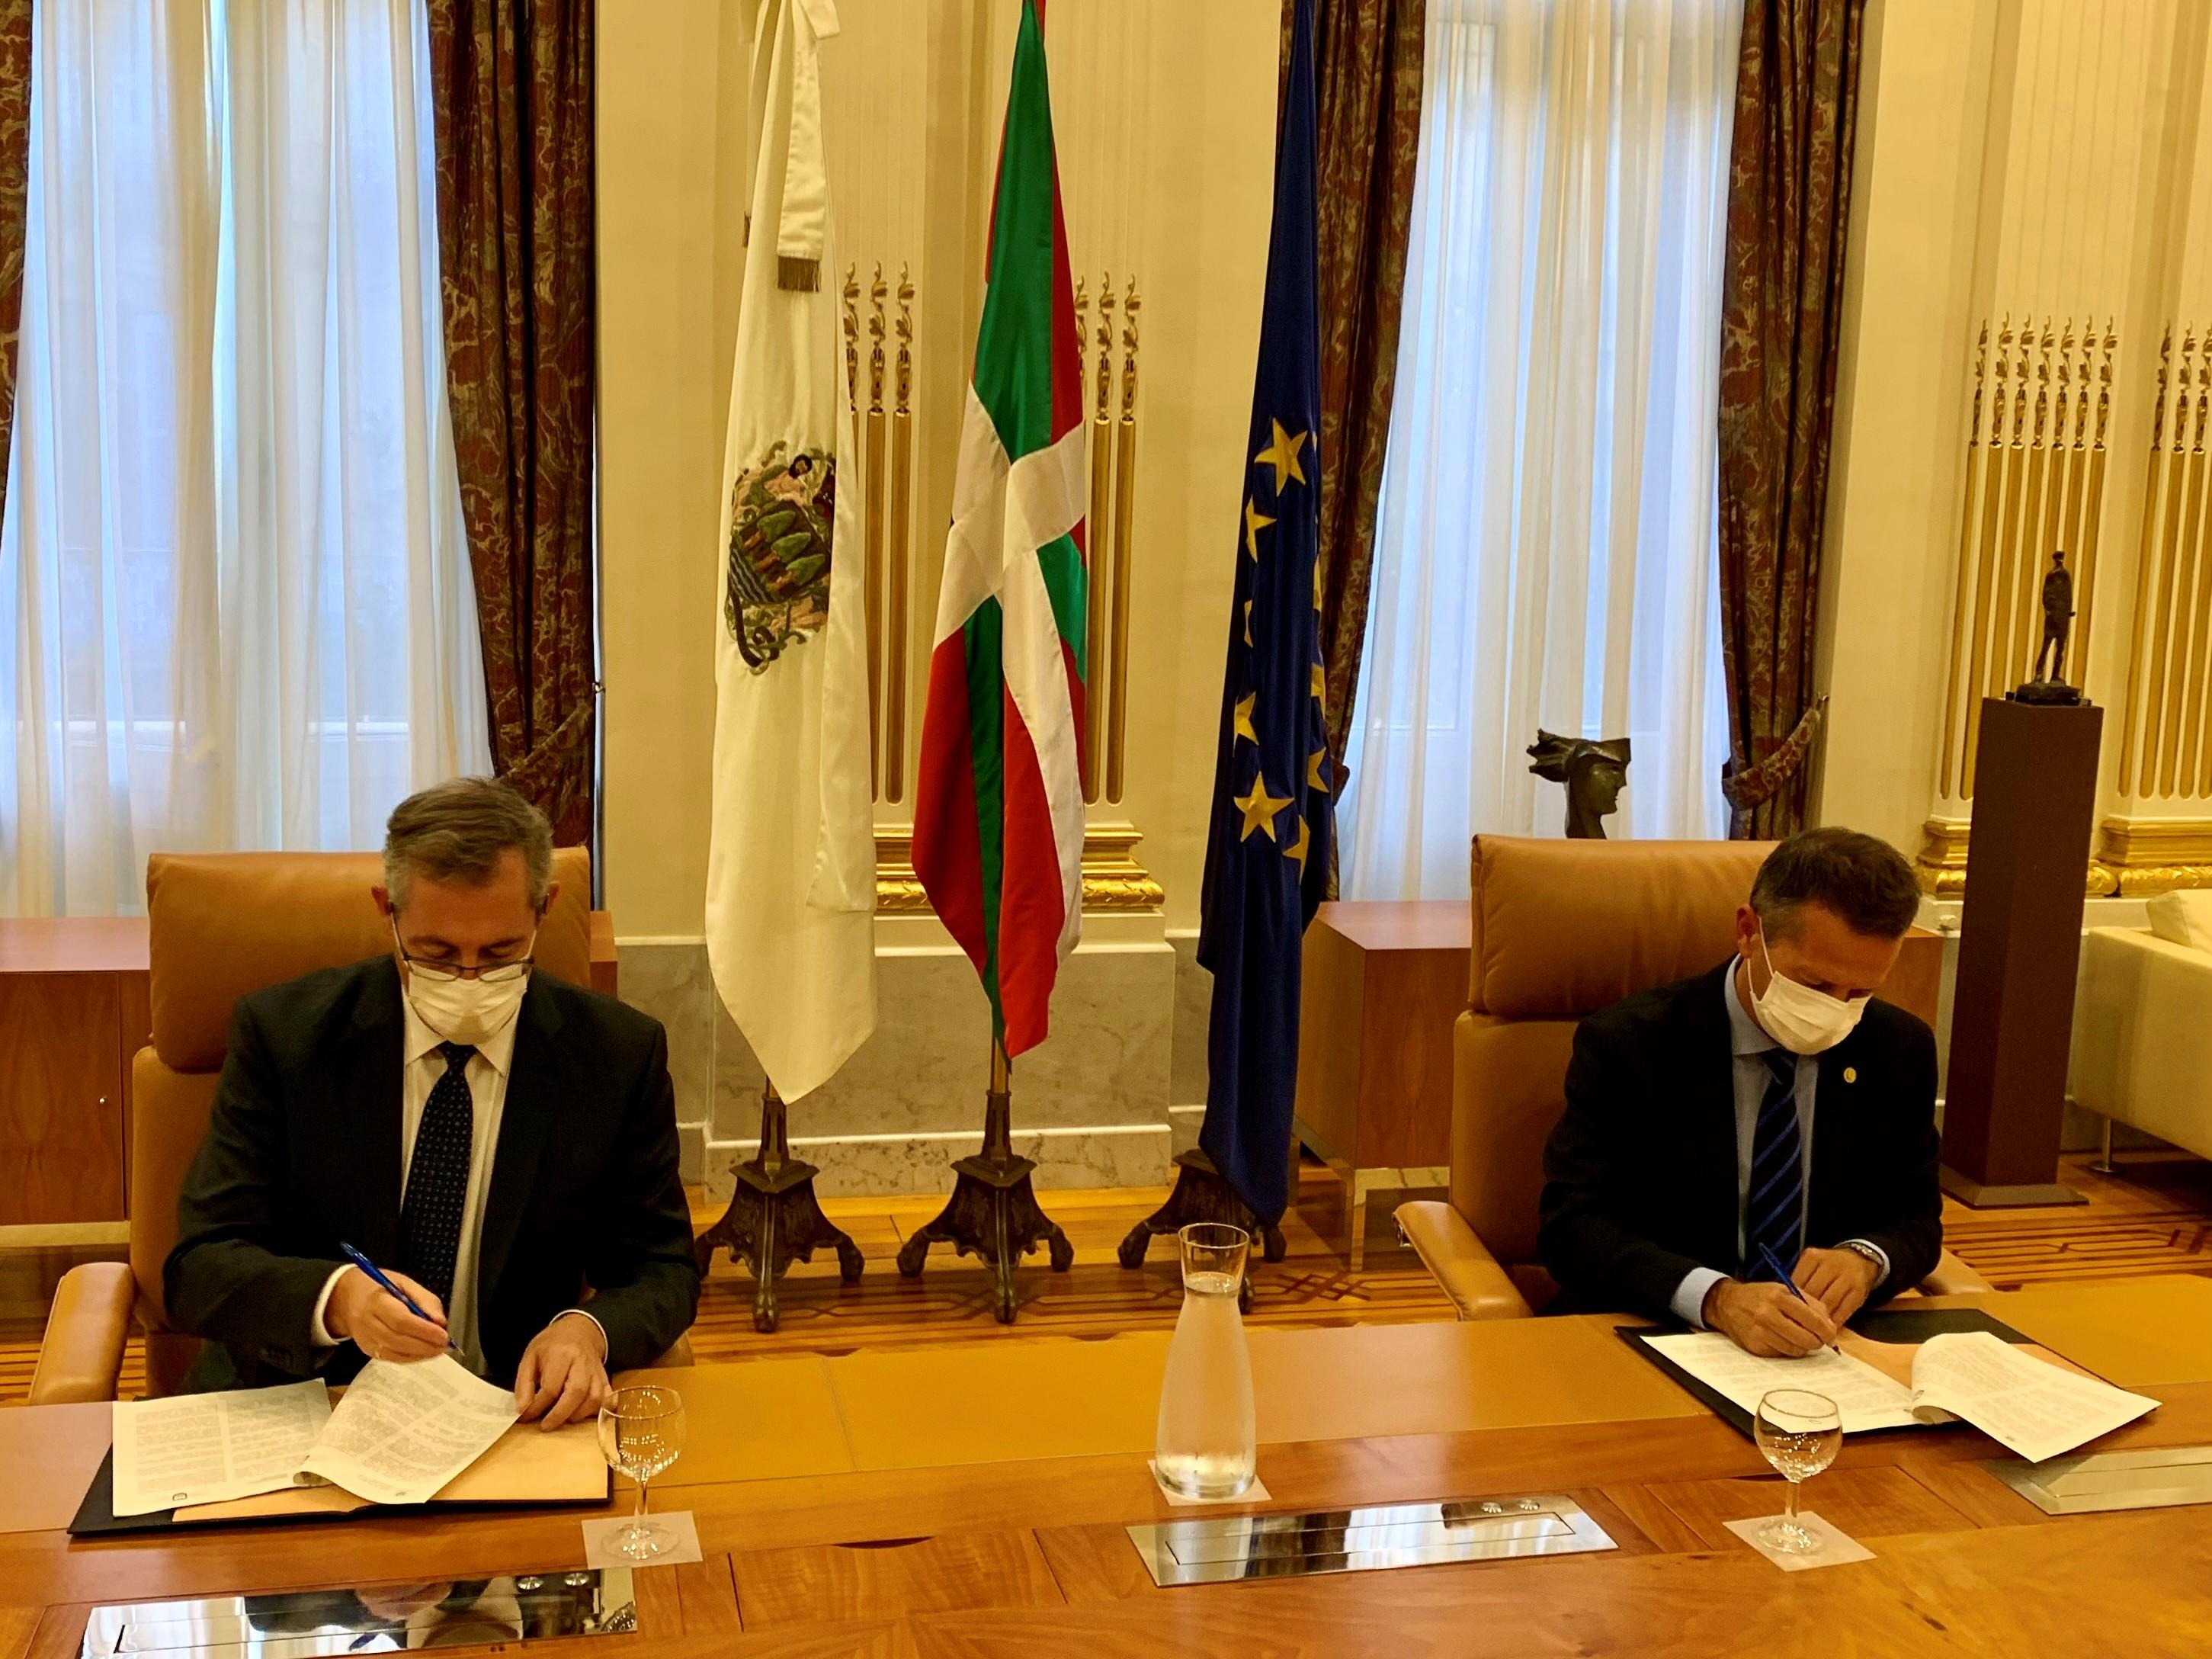 Diputación Foral de Gipuzkoa y Gobierno Vasco colaborarán para desarrollar un Polo de Tecnologías Cuánticas en Gipuzkoa [2:27]